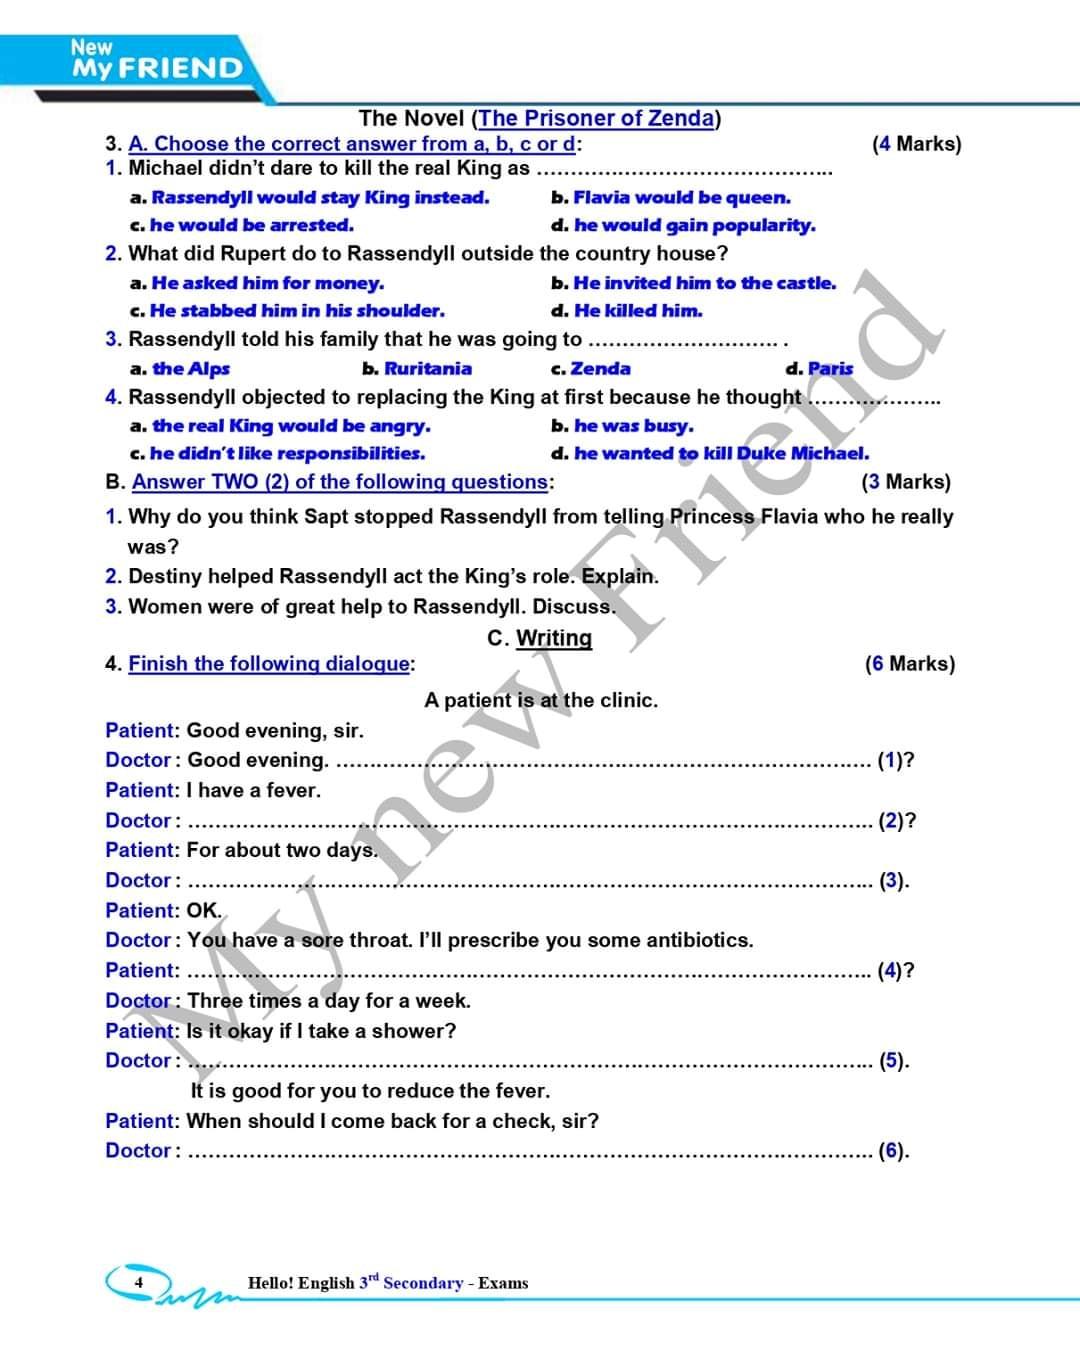 نموذج اجابة امتحان اللغة الانجليزية للثانوية العامة 2020 بتوزيع الدرجات 4